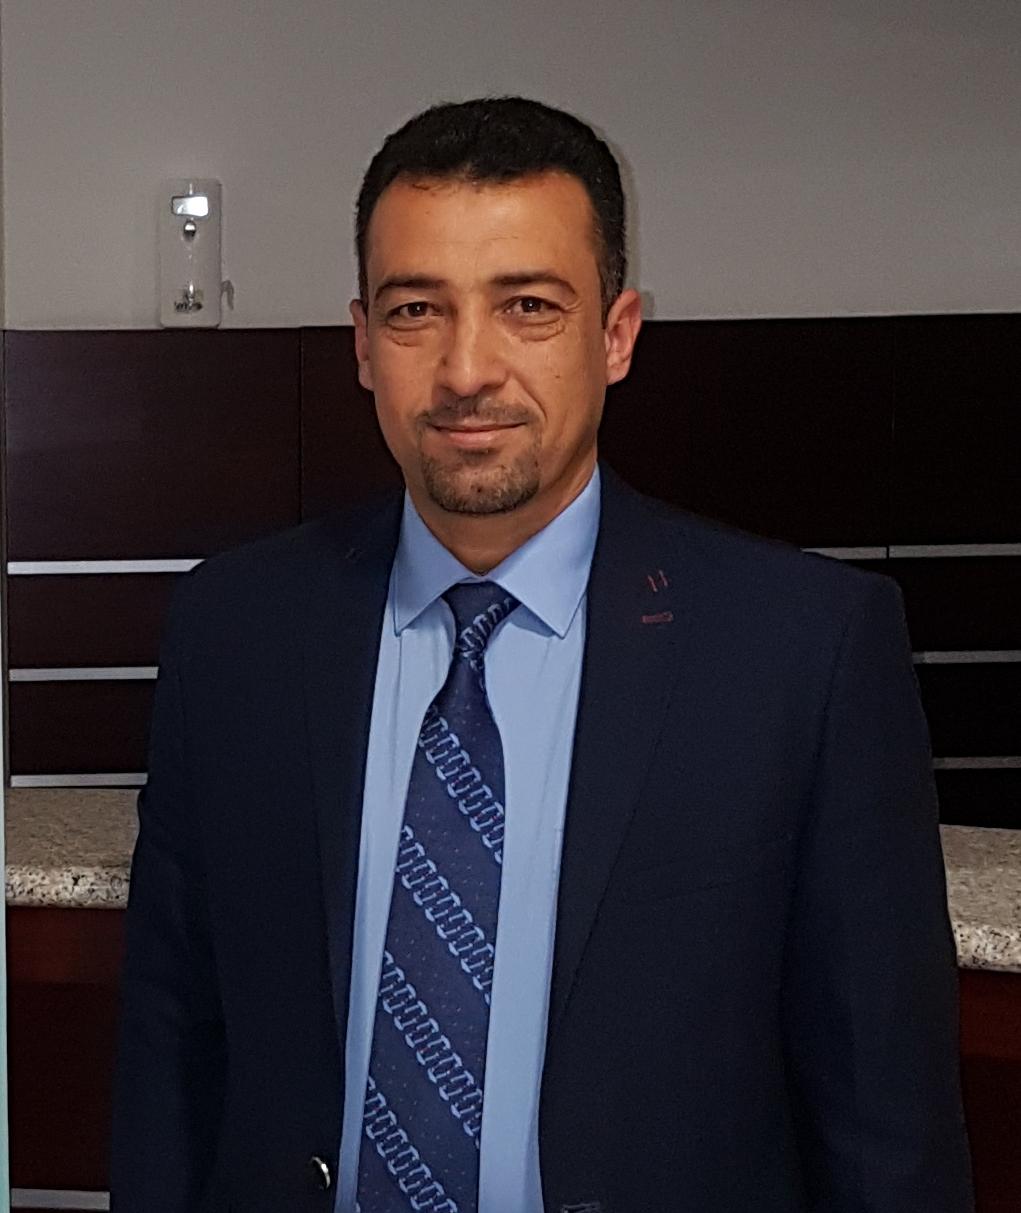 Salah Al-Darraji